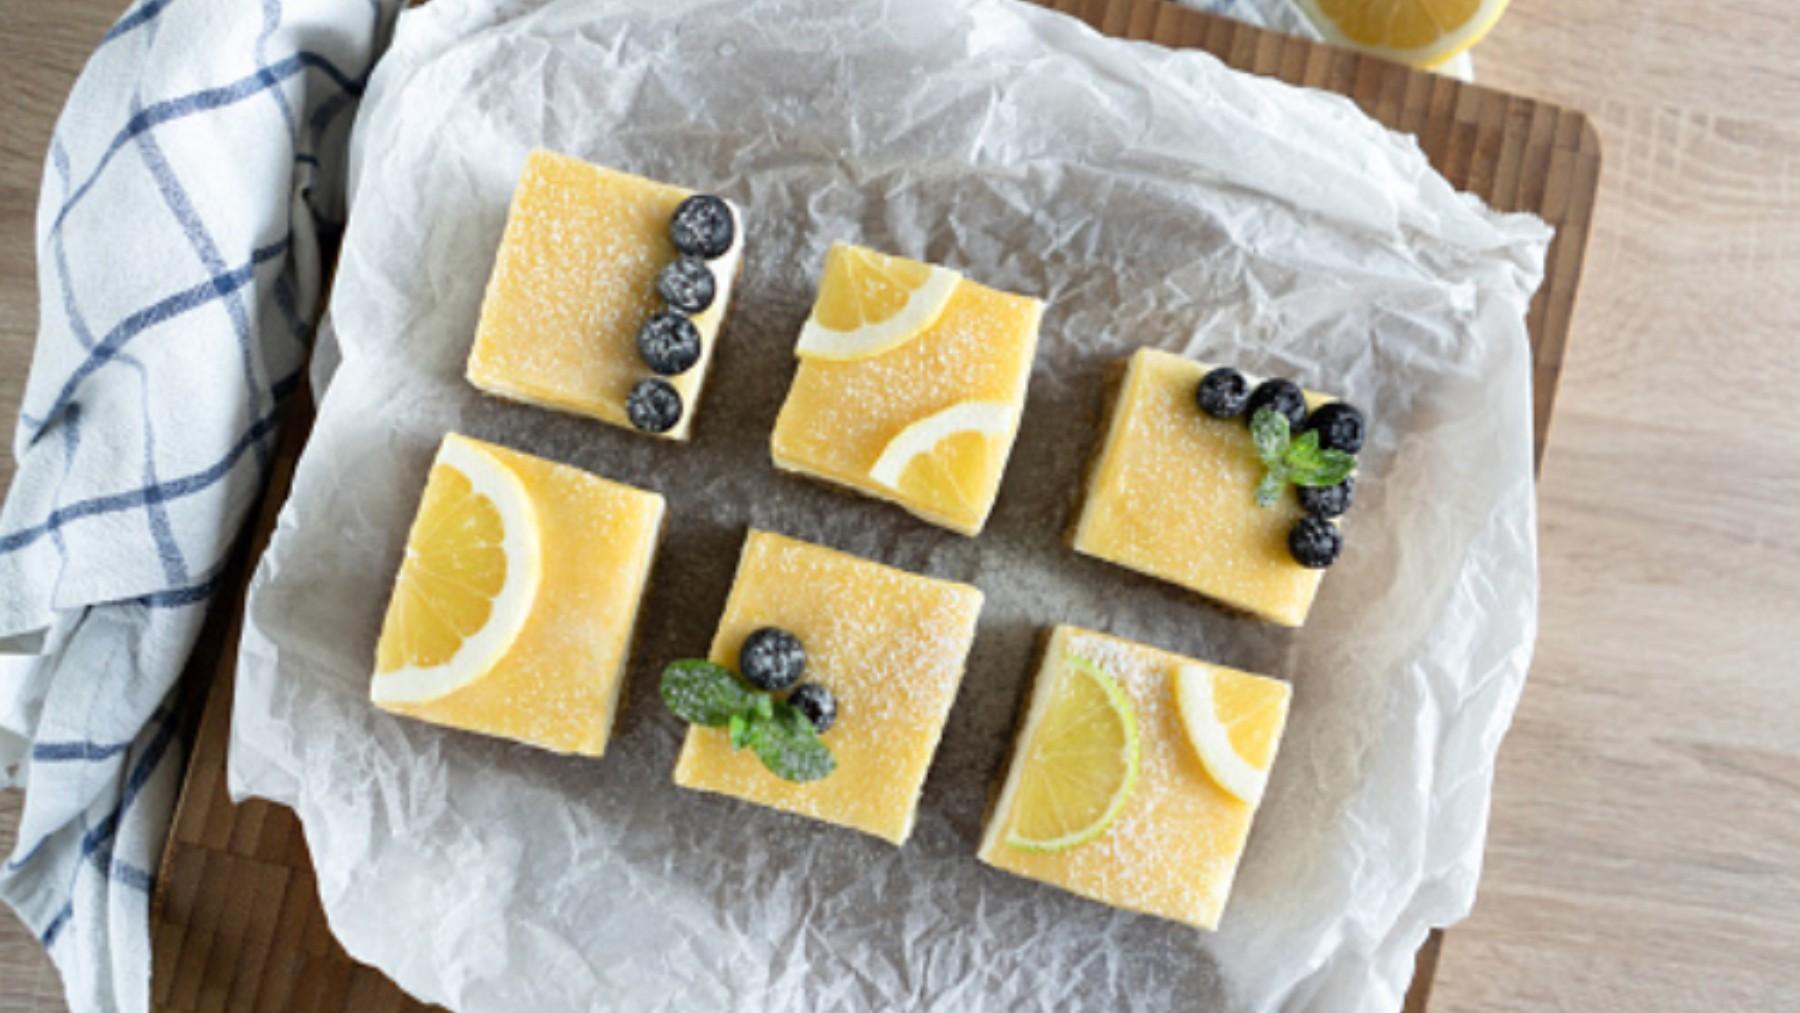 Tarta de limón fría, receta de postre refrescante listo en 5 minutos